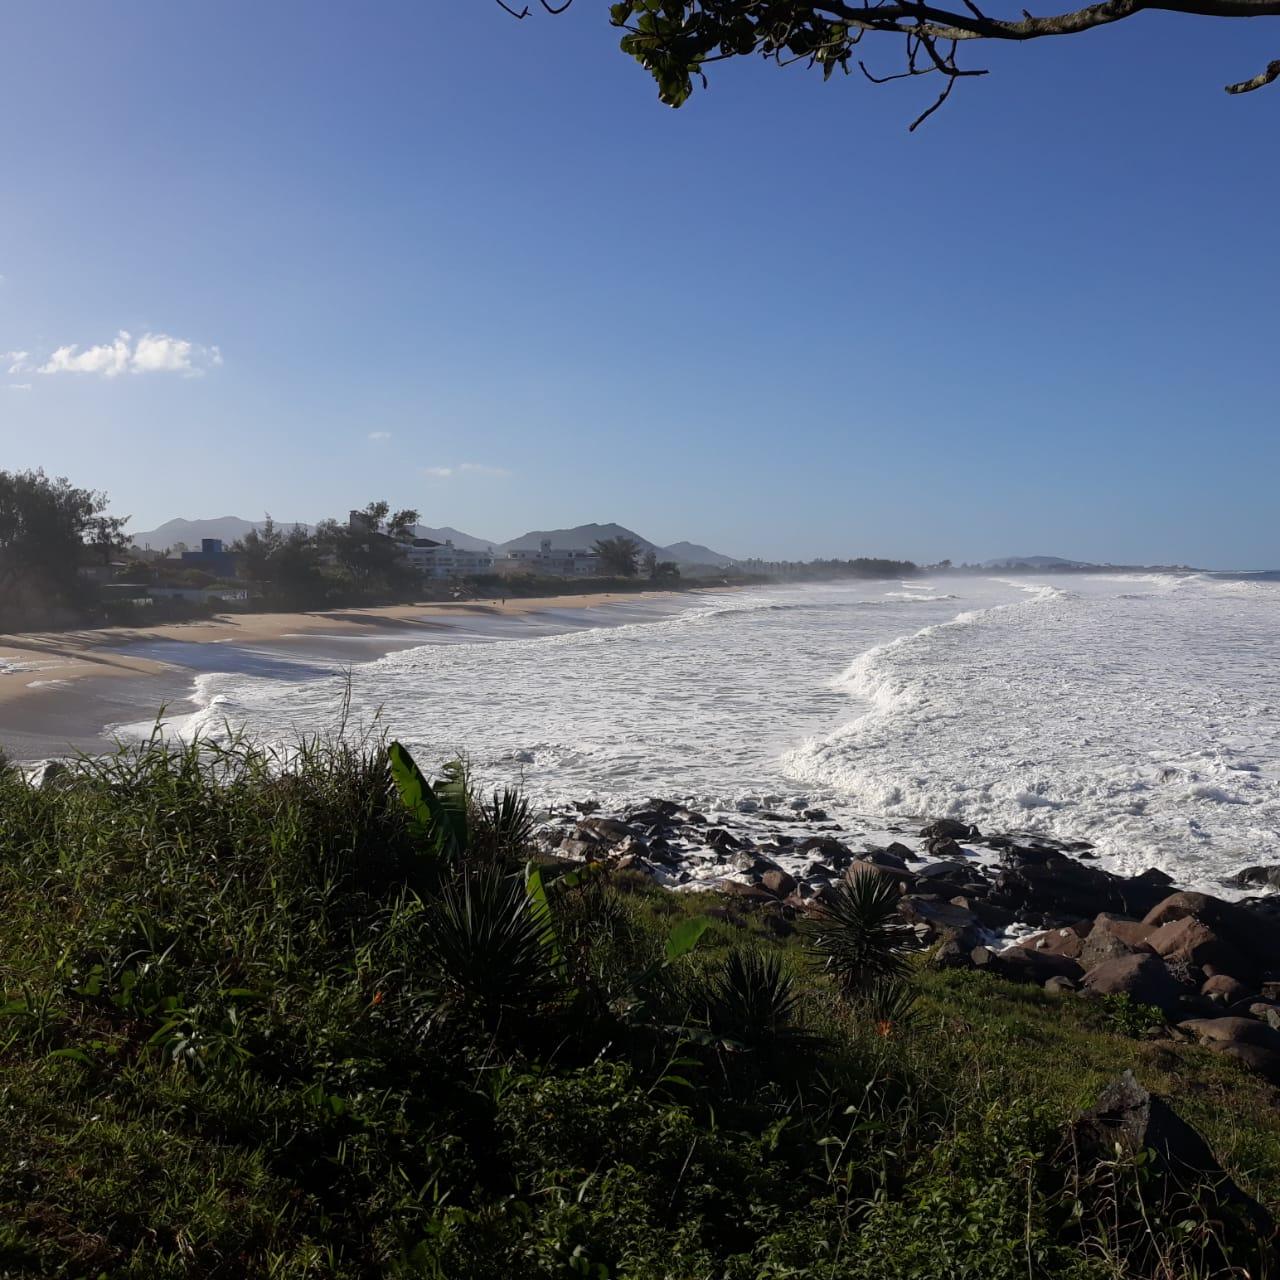 Praia do Morro das Pedras, em Florianópolis, teve registros de maré alta em 21 de maio |  Foto Ewaldo Willerding/Arquivo OCP